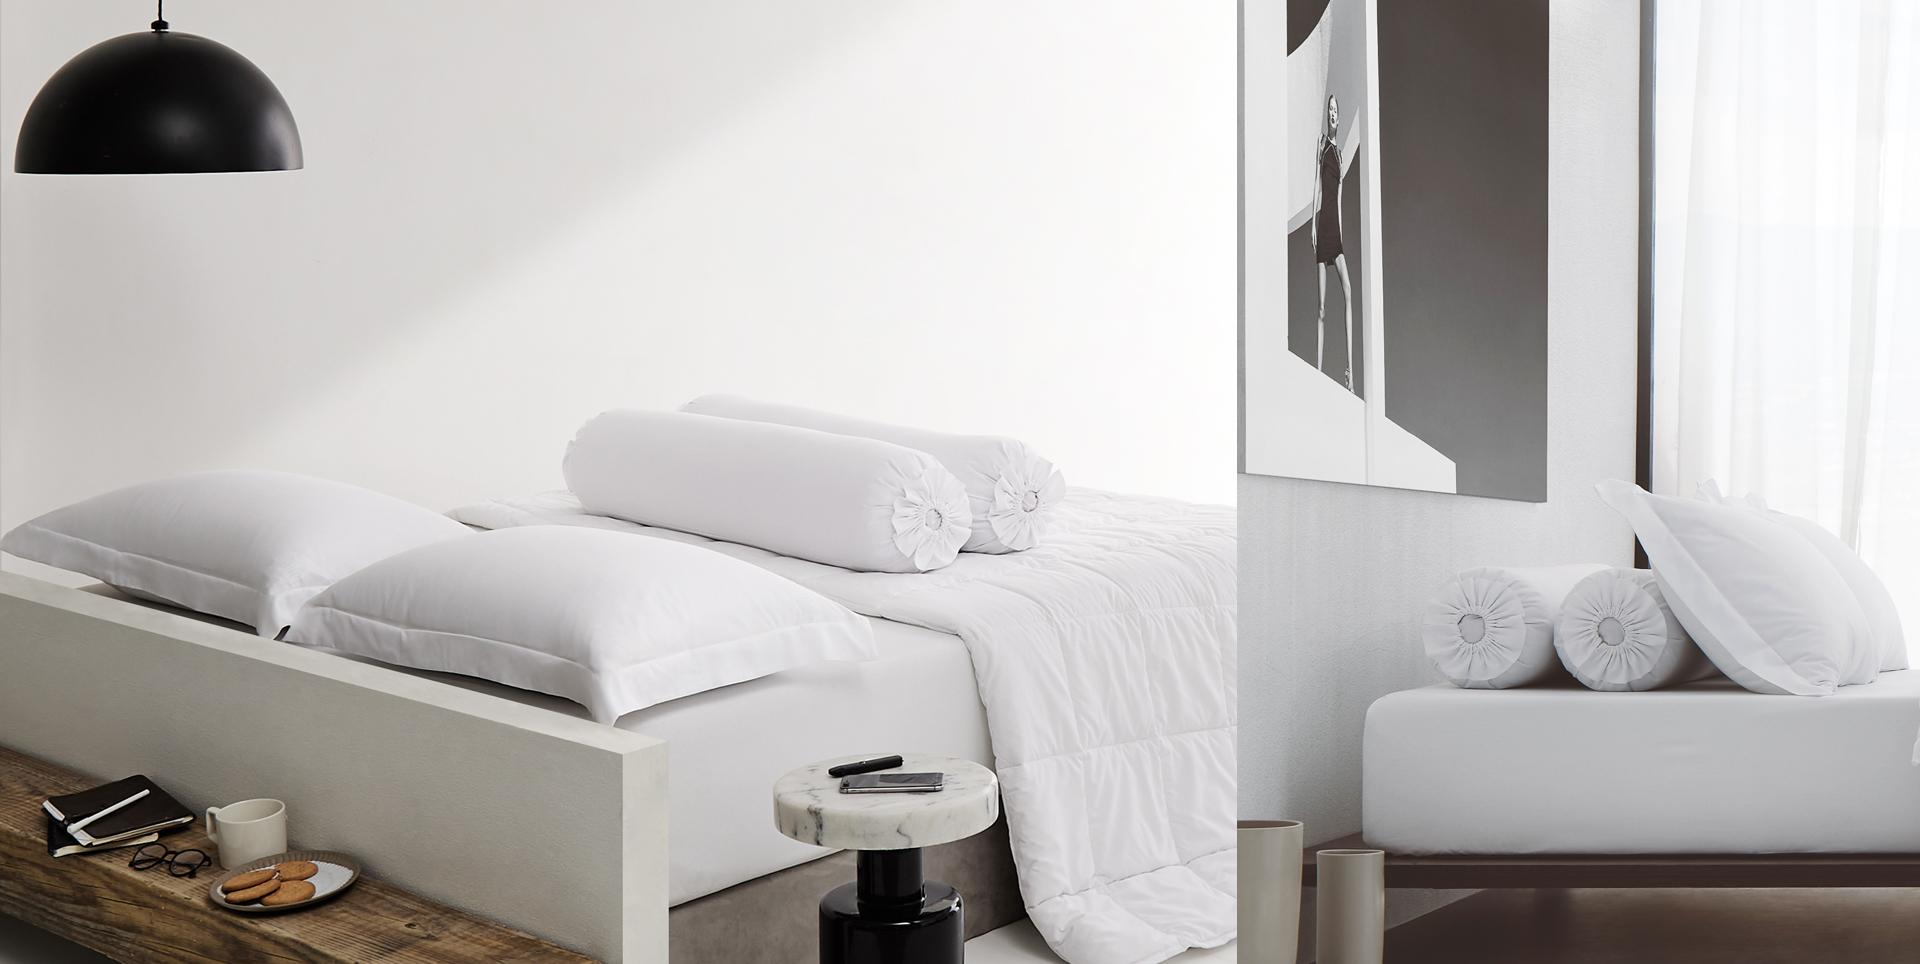 Lotusattitude - white ชุดผ้าปูที่นอน